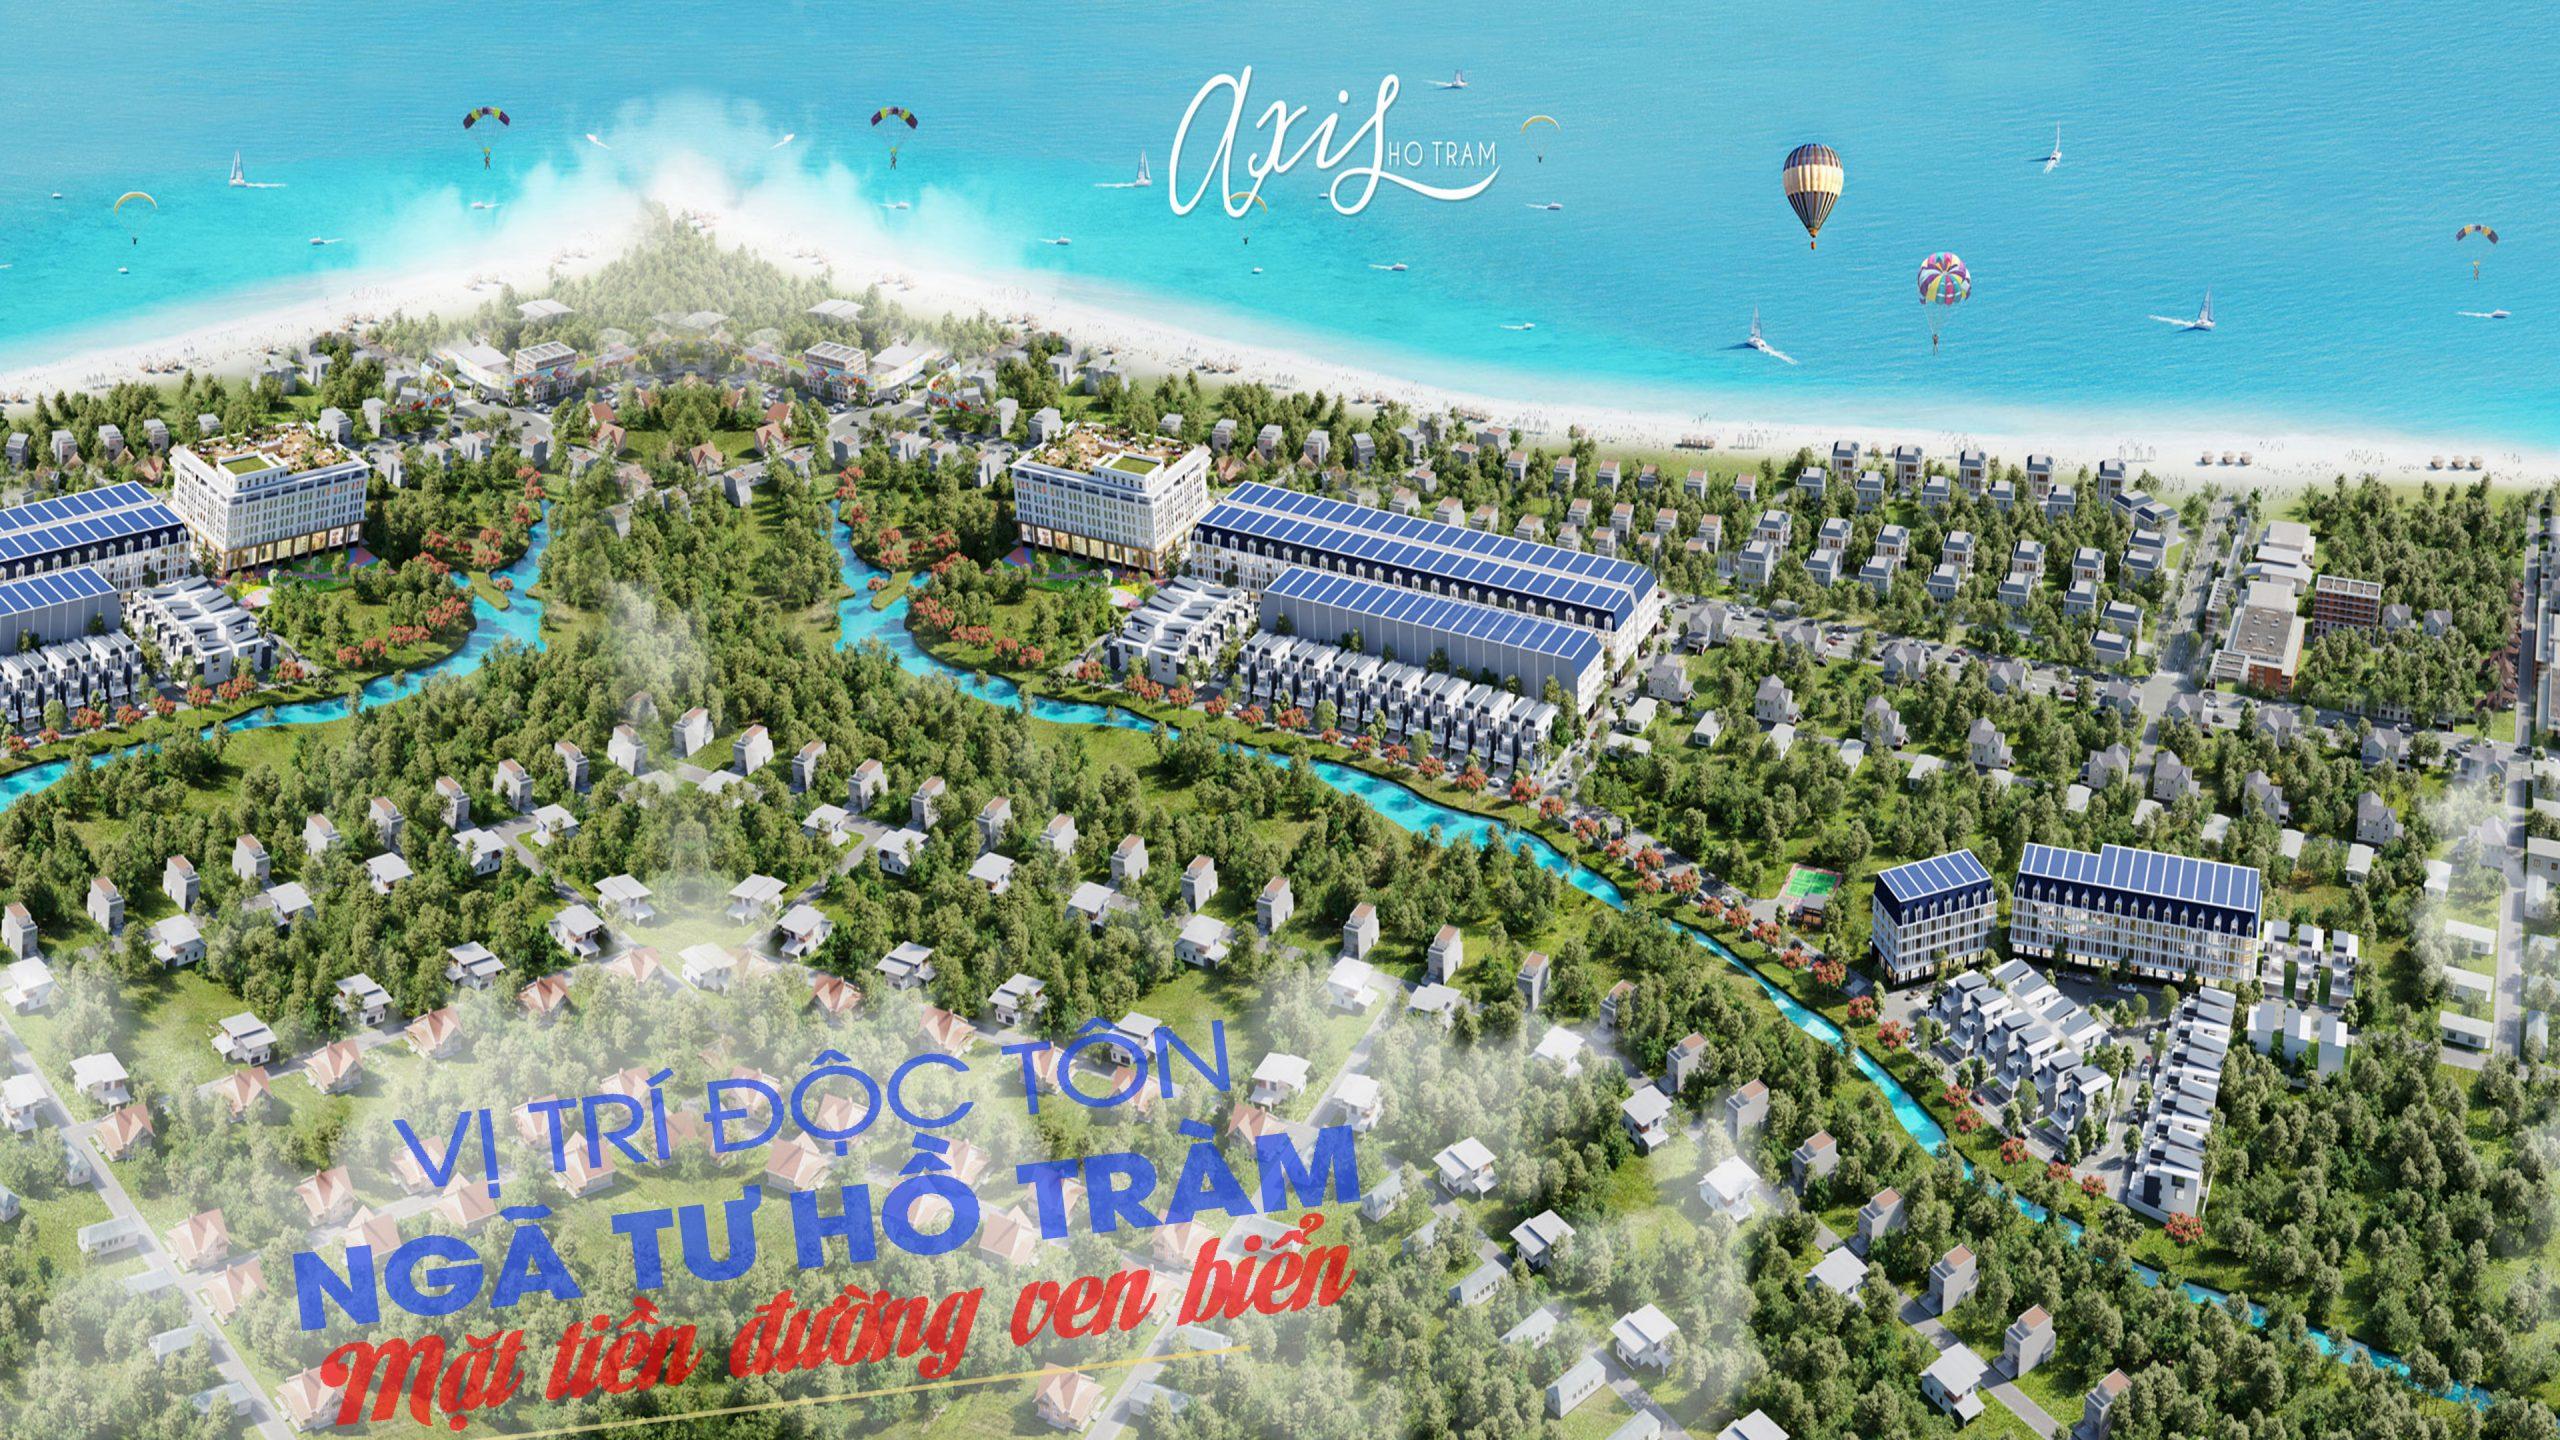 Dự án Axis Hồ Tràm, khu đô thị nghỉ dưỡng , giải trí cao cấp tại Ấp Hồ Tràm, Xã Phước Thuận, Huyện Xuyên Mộc, Tỉnh Bà Rịa – Vũng Tàu. Dự án nằm ngay mặt tiền đường Ven Biển, đây là con đường ven Biển đẹp nhất với rất nhiều khu Resort cao cấp. Nhắc đến Hồ Tràm, là nhắc đến một trong những bãi Biển đẹp, và hoang sơ nhất thế giới với làng nước trong veo xanh ngát cùng những triền cát trắng mịn trải dài, một nơi nghỉ dưỡng đẳng cấp bật nhất tại khu vực miền nam.